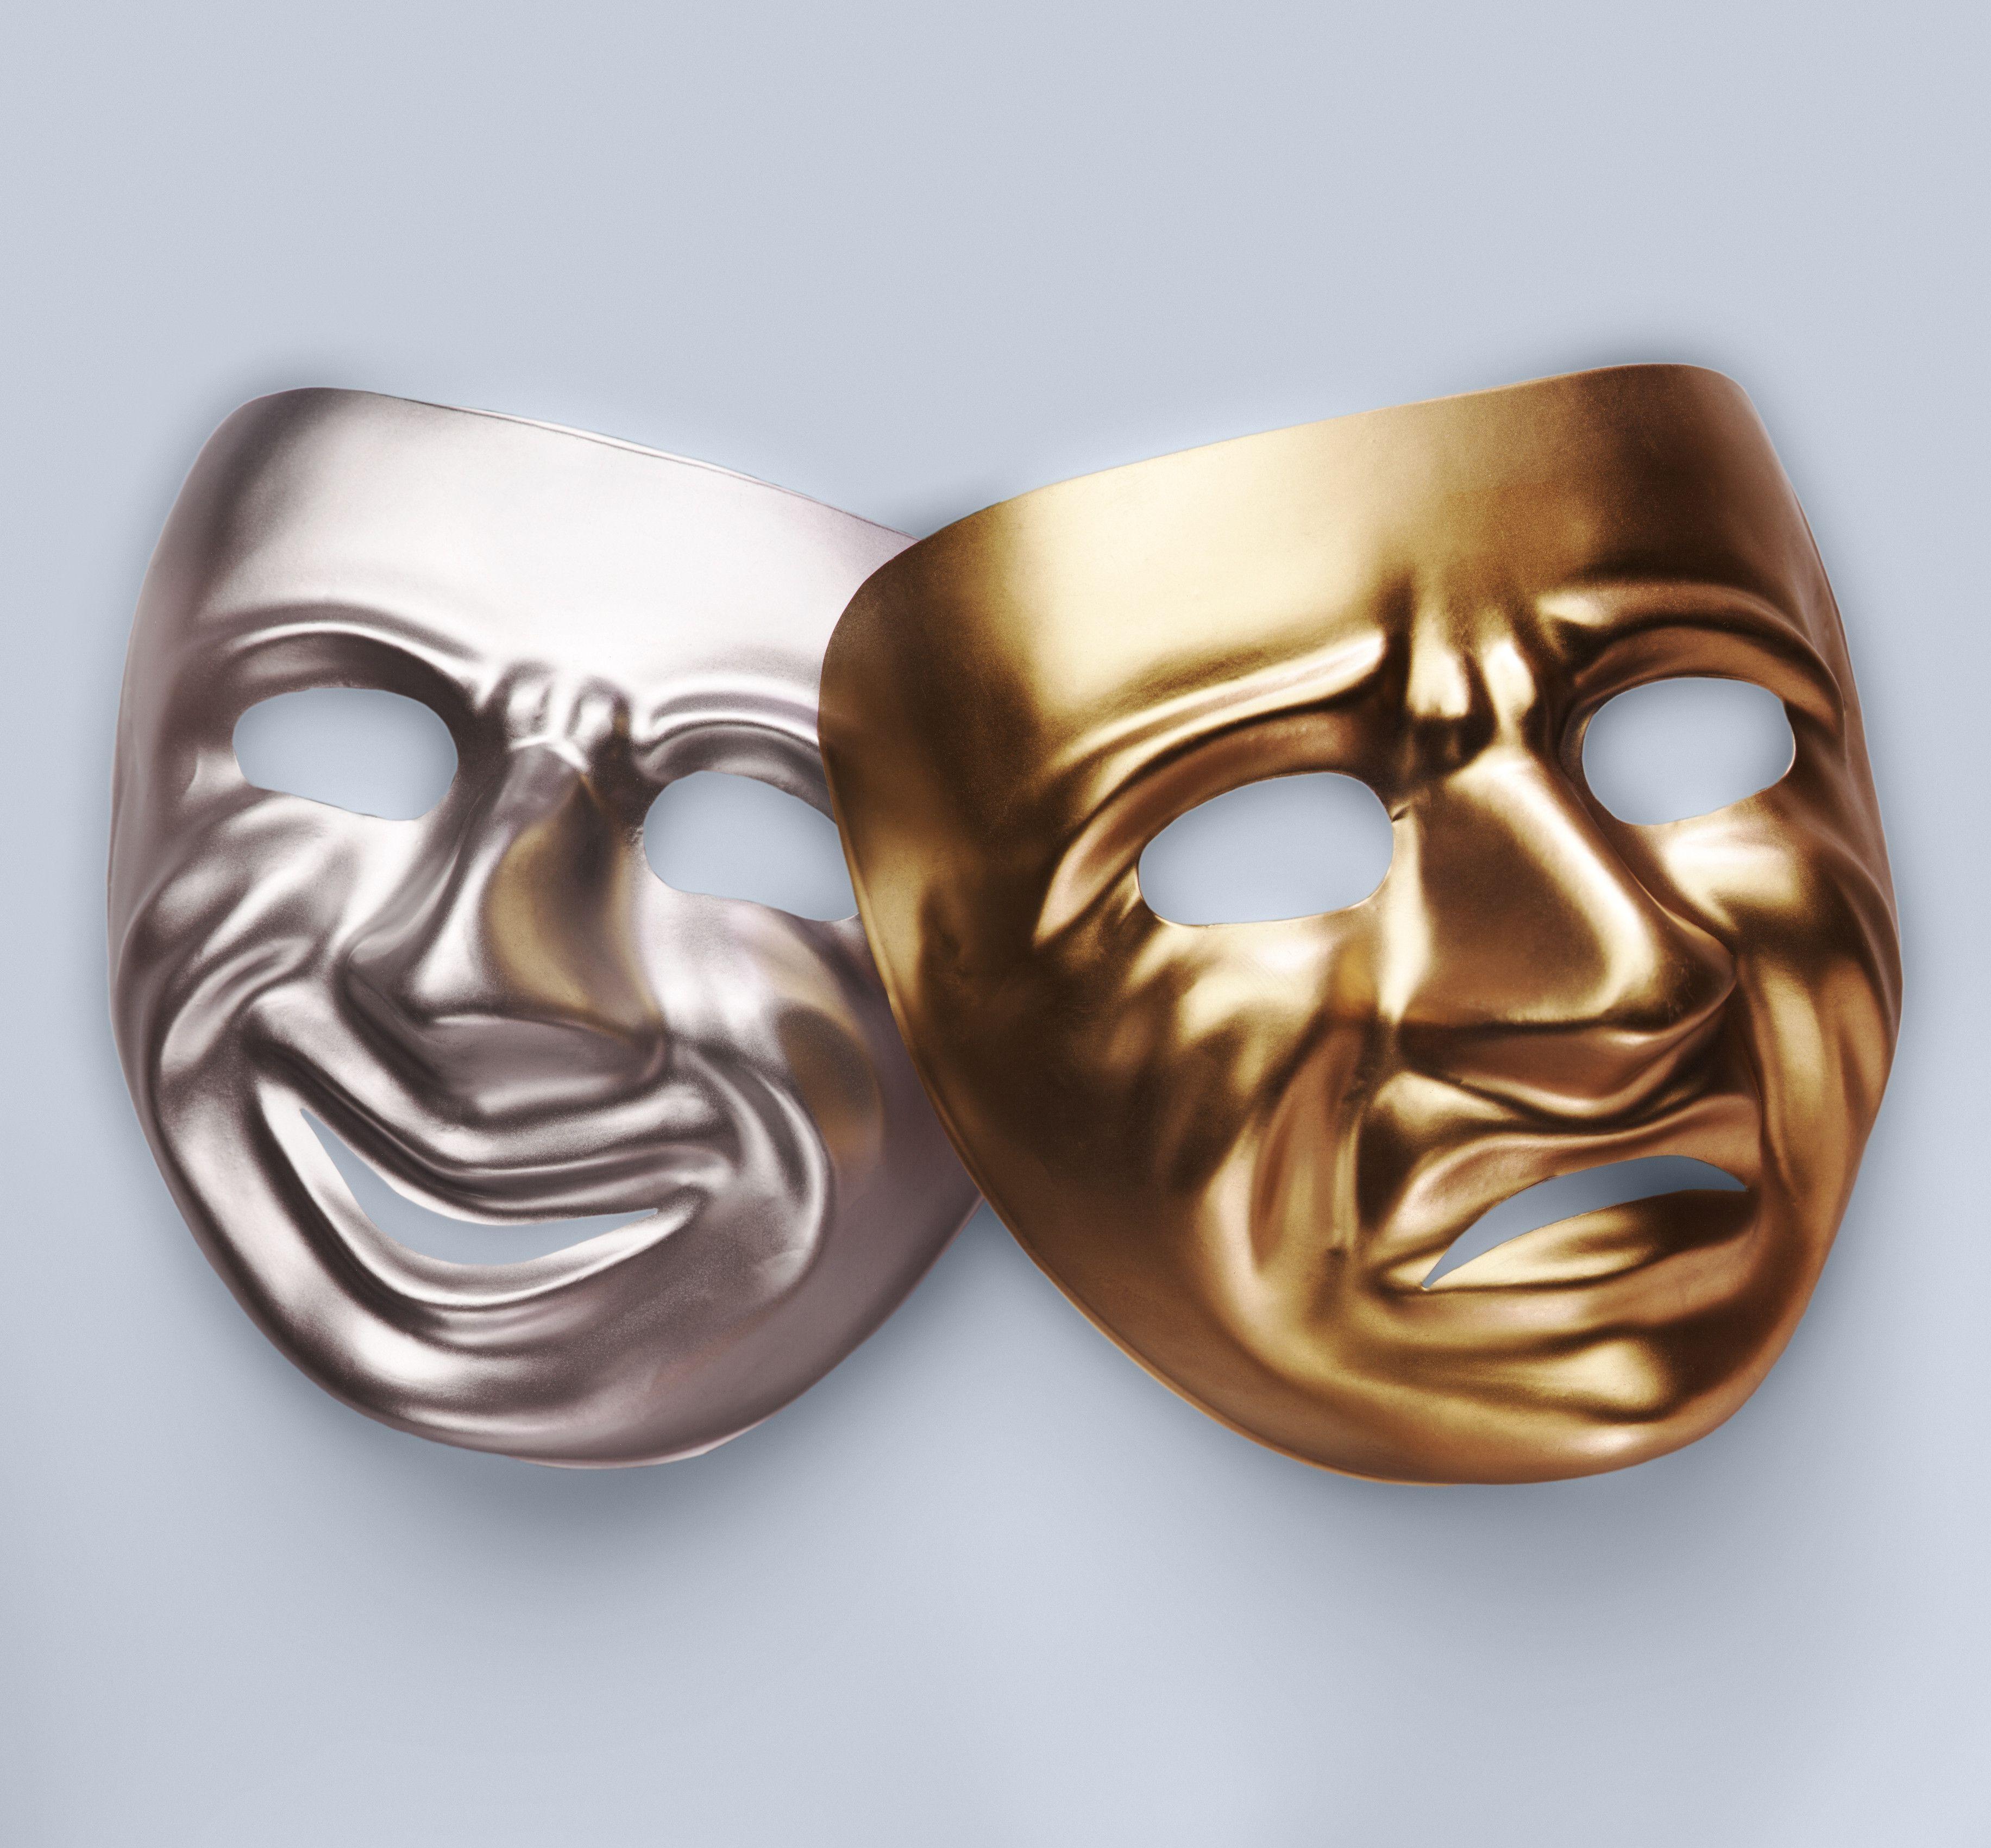 нового картинки актерских масок вид миниатюрной